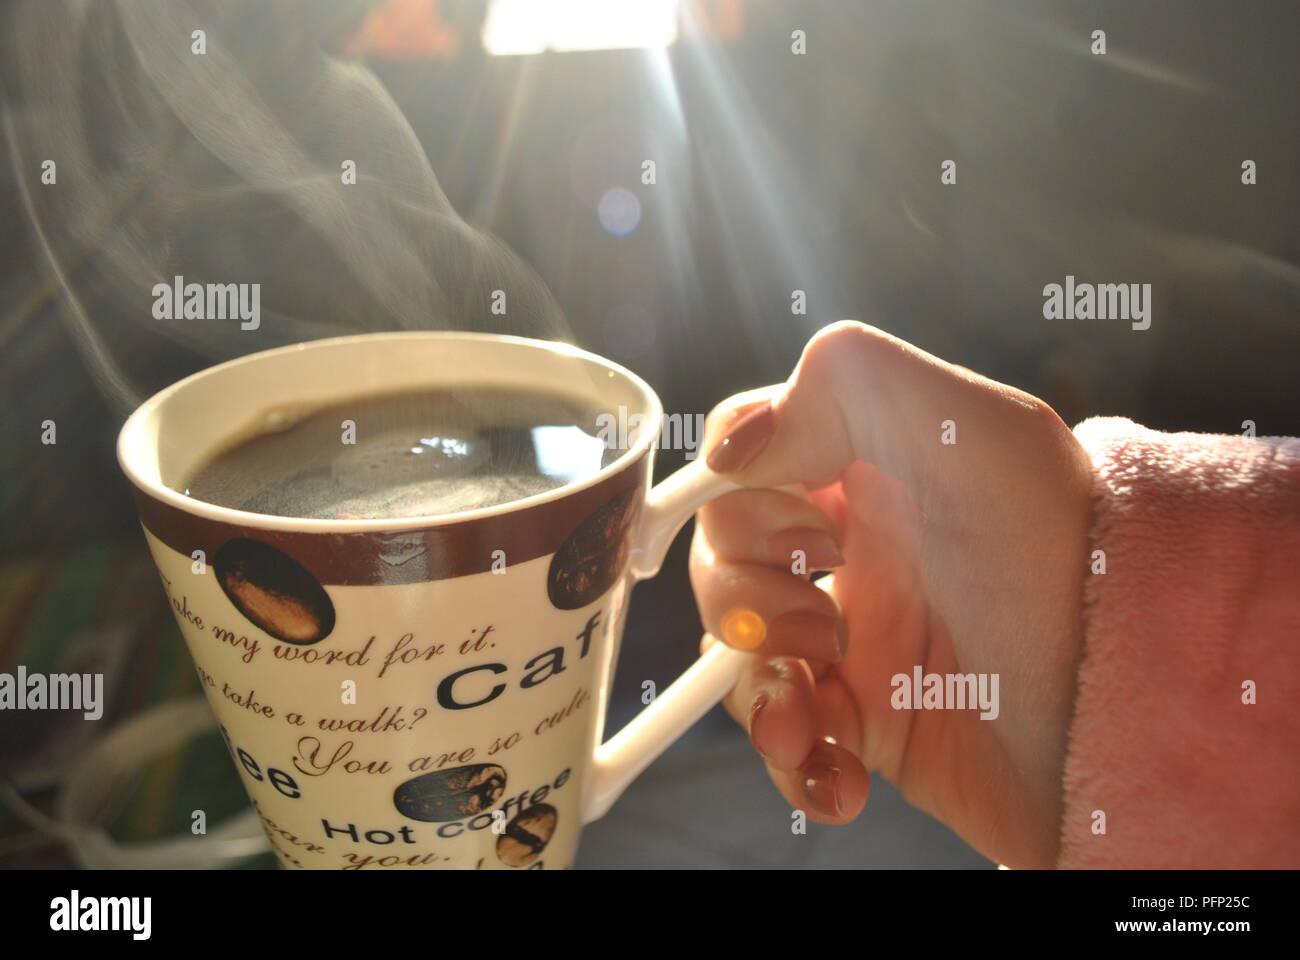 500px Photo ID: 270583769 - Junto a la ventana ella bebe cafe en una fria mañana de invierno , el sol tibio con sus rayos debiles entra en casa . - Stock Image